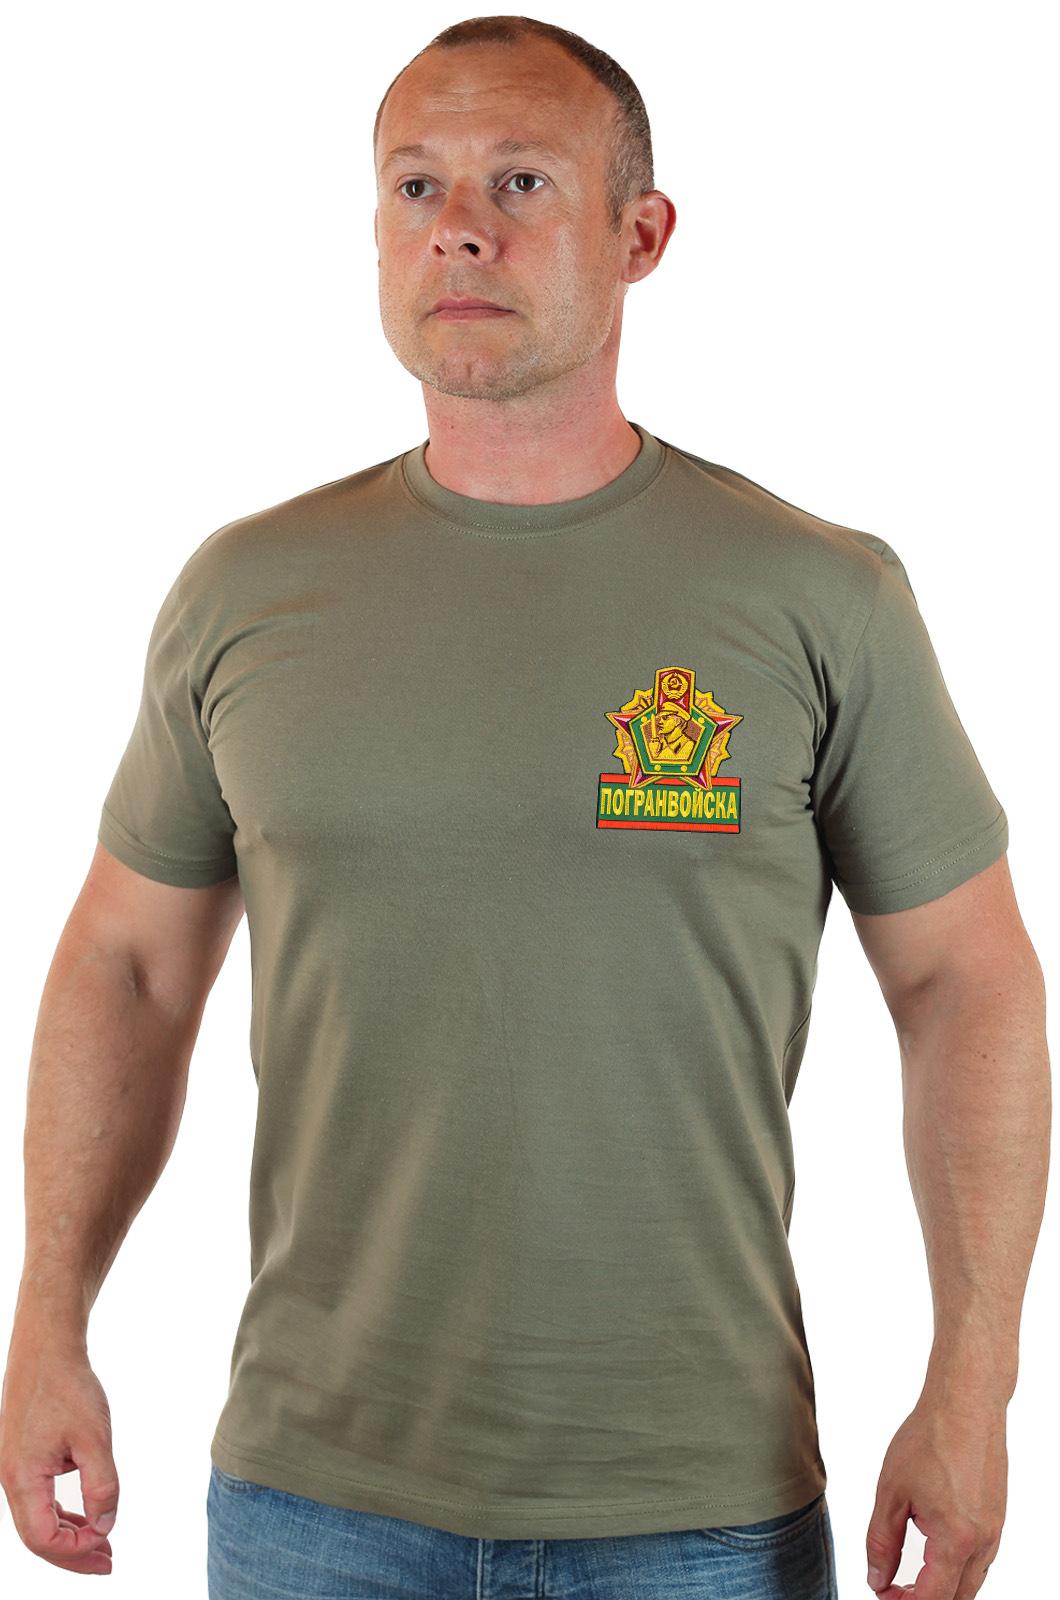 Купить футболка с эмблемой Погранвойск – отправим уже завтра